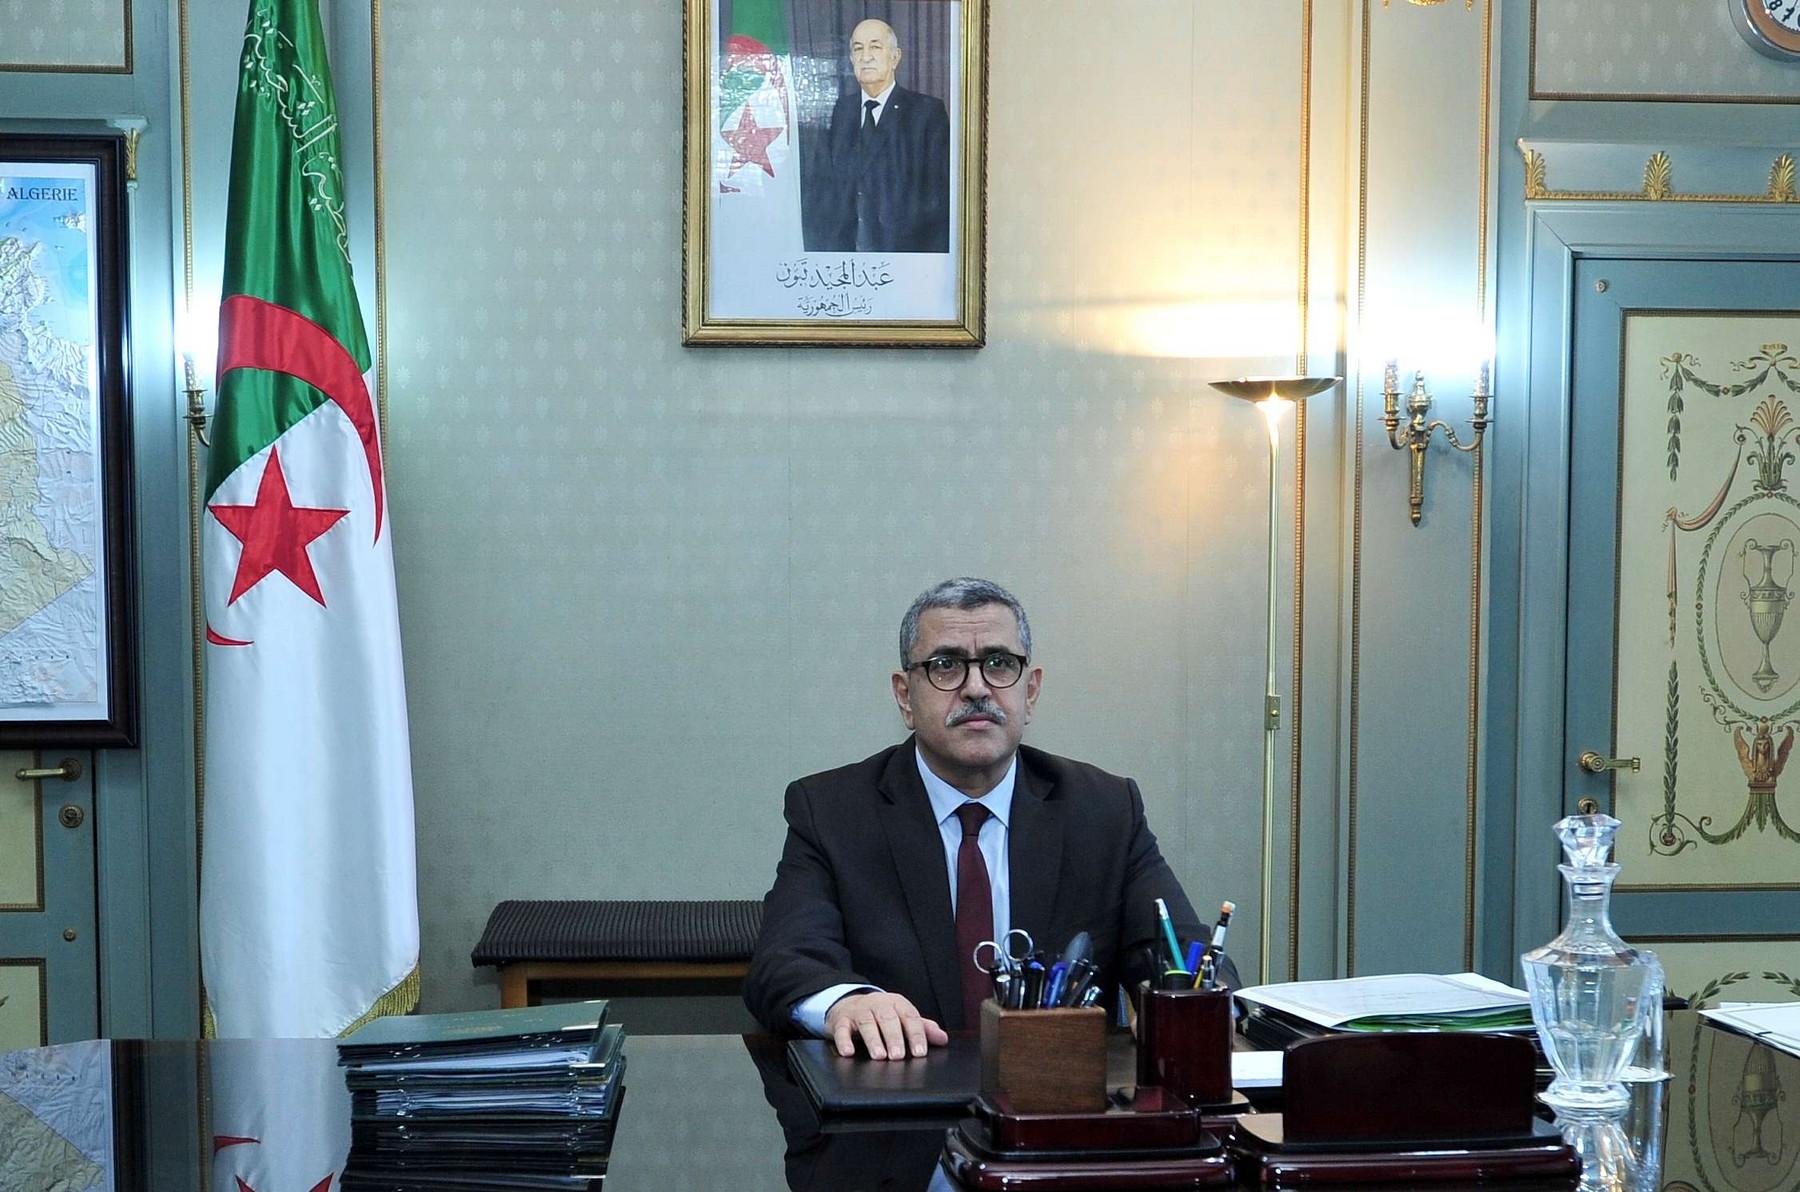 رئيس الوزراء الجزائرى يعلن وضع خطة عاجلة وفورية لاحتواء انتشار وباء كورونا